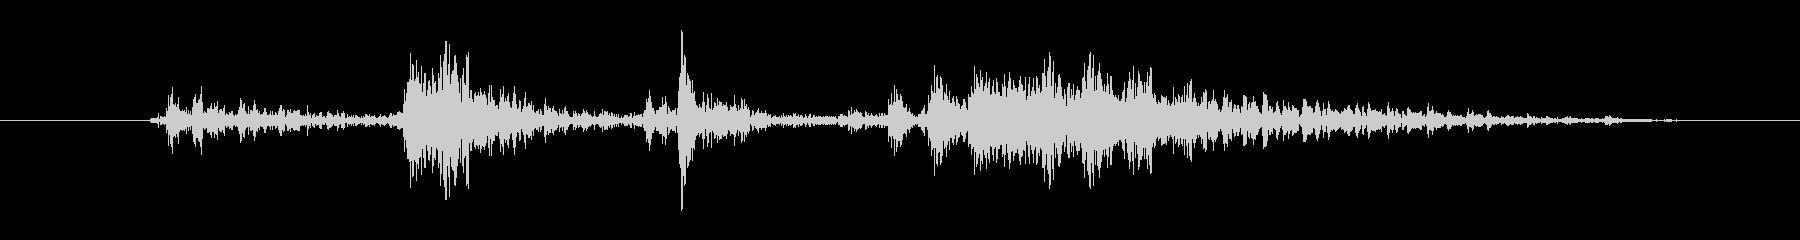 電気機械 Evil 03を展開の未再生の波形